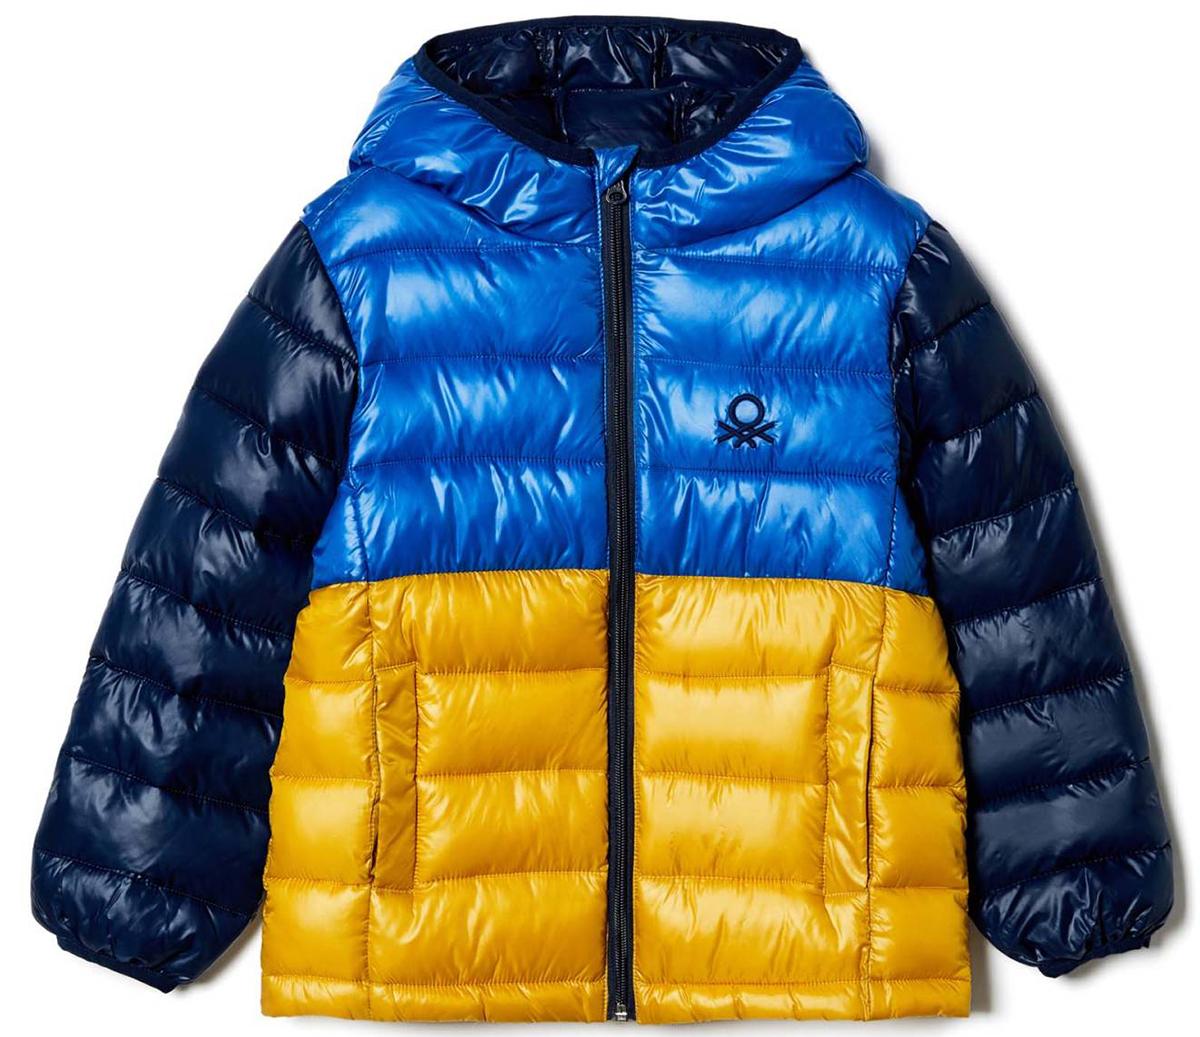 Куртка для мальчика United Colors of Benetton, цвет: синий, желтый. 2GK4539T0_33M. Размер 1602GK4539T0_33MКуртка для мальчика United Colors of Benetton выполнена из полиэстера. Модель с капюшоном и длинными рукавами застегивается на застежку-молнию.